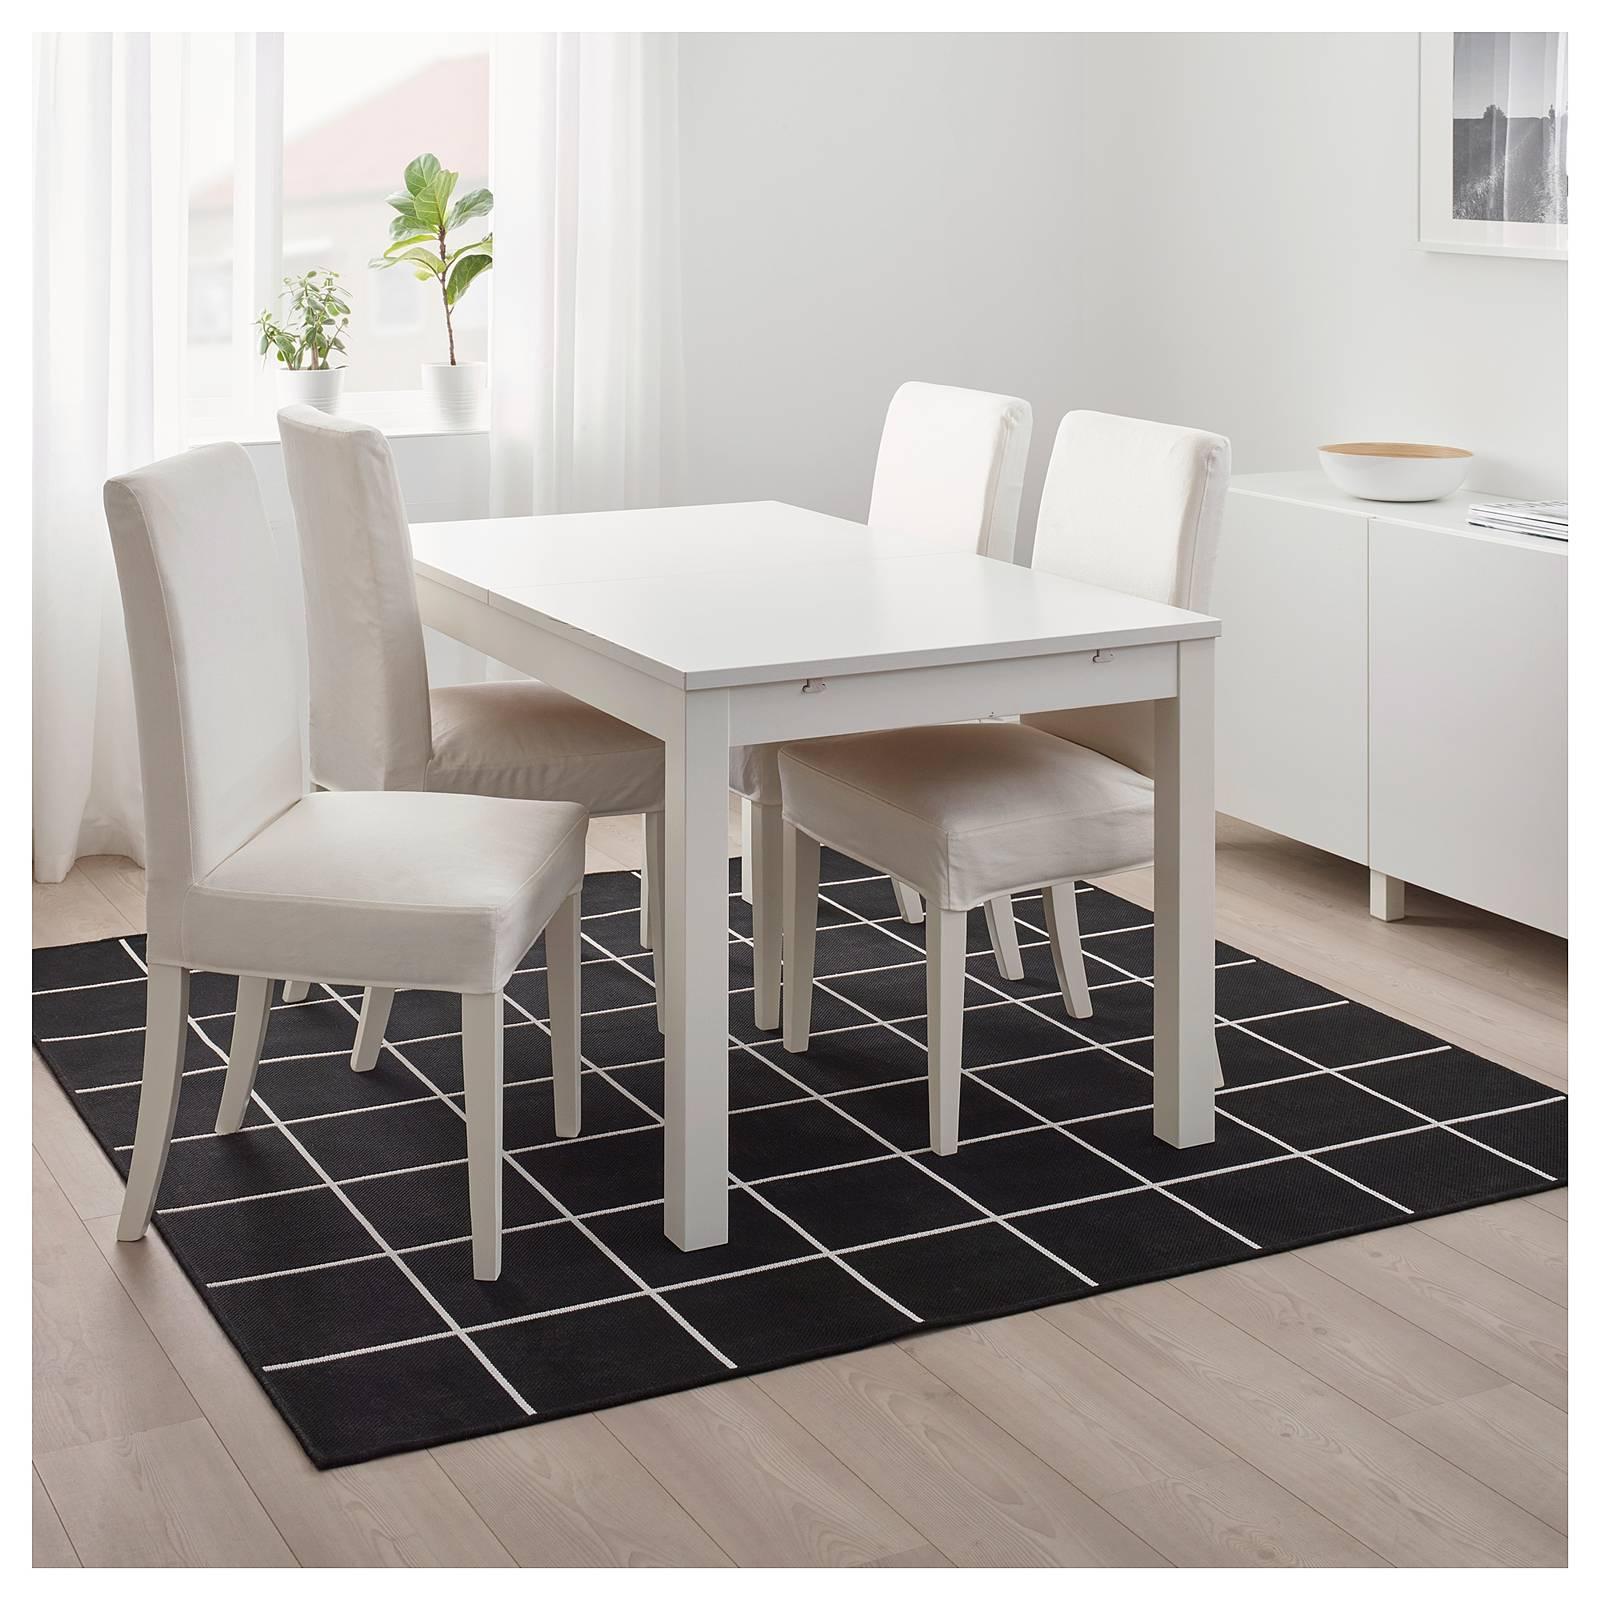 Lavare Tappeto Lana Ikea tappeti rotondi, quadrati e rettangolari. e anche per